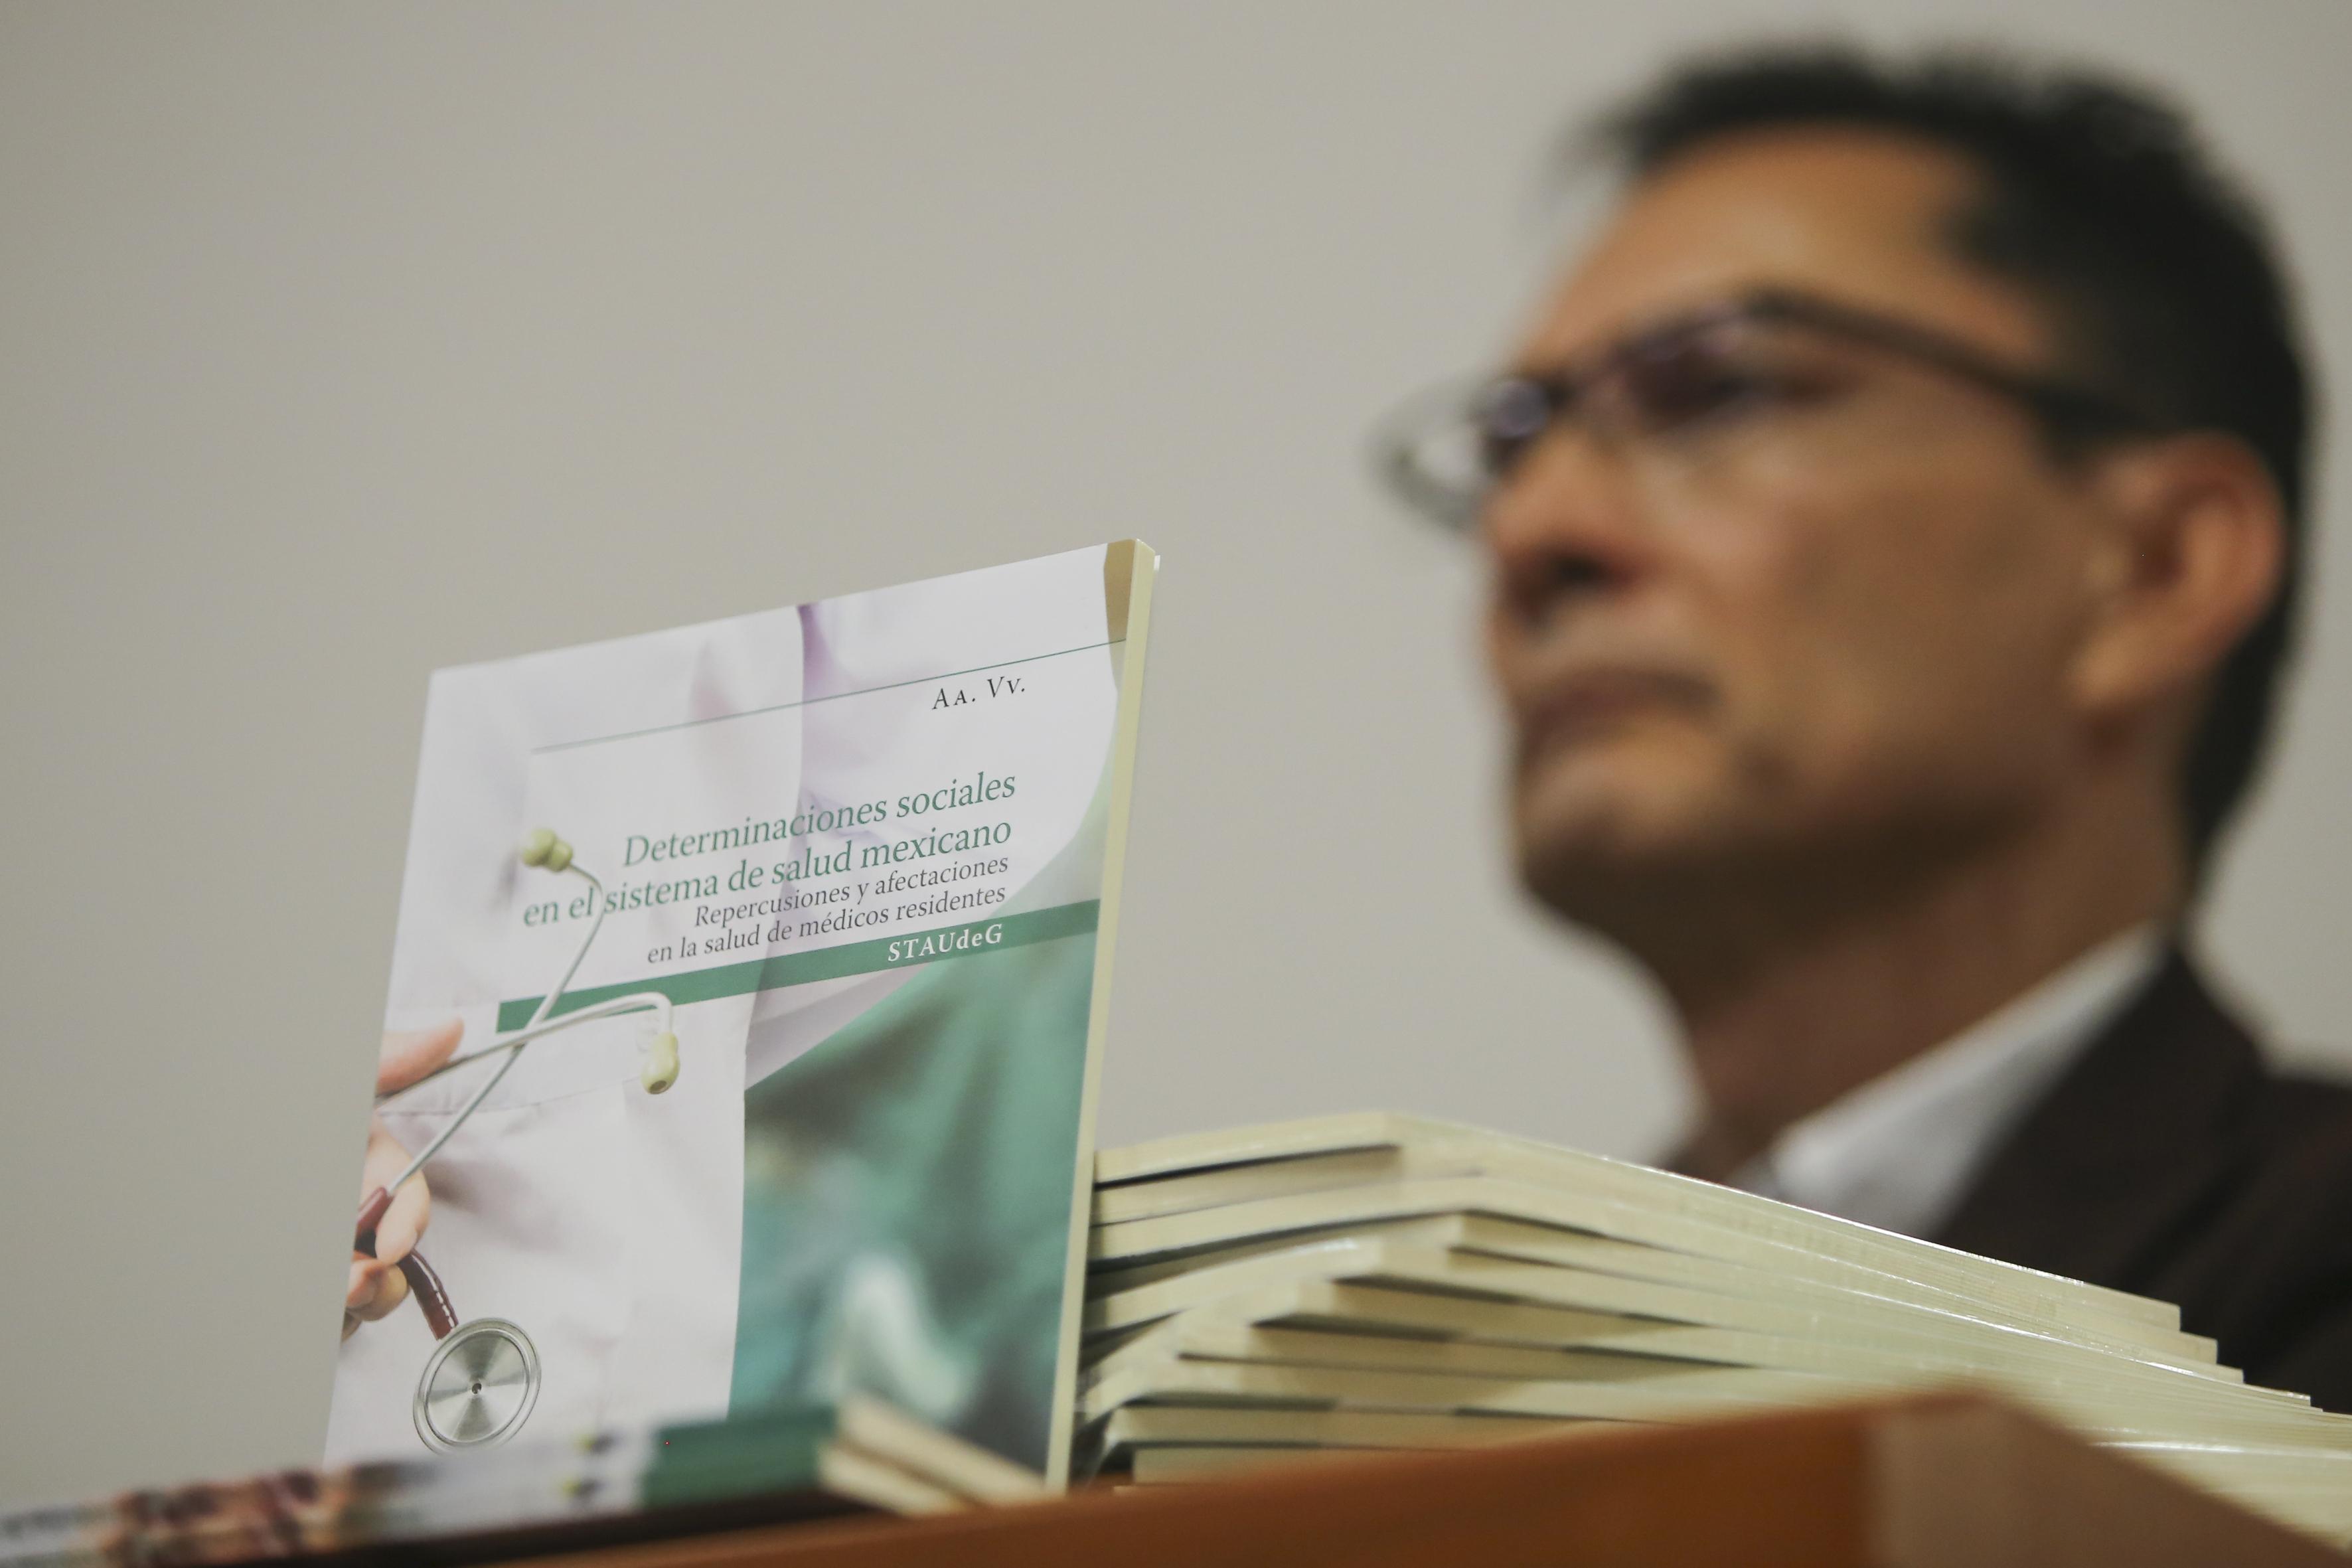 Dr. Martín Acosta tras la portada de su libro